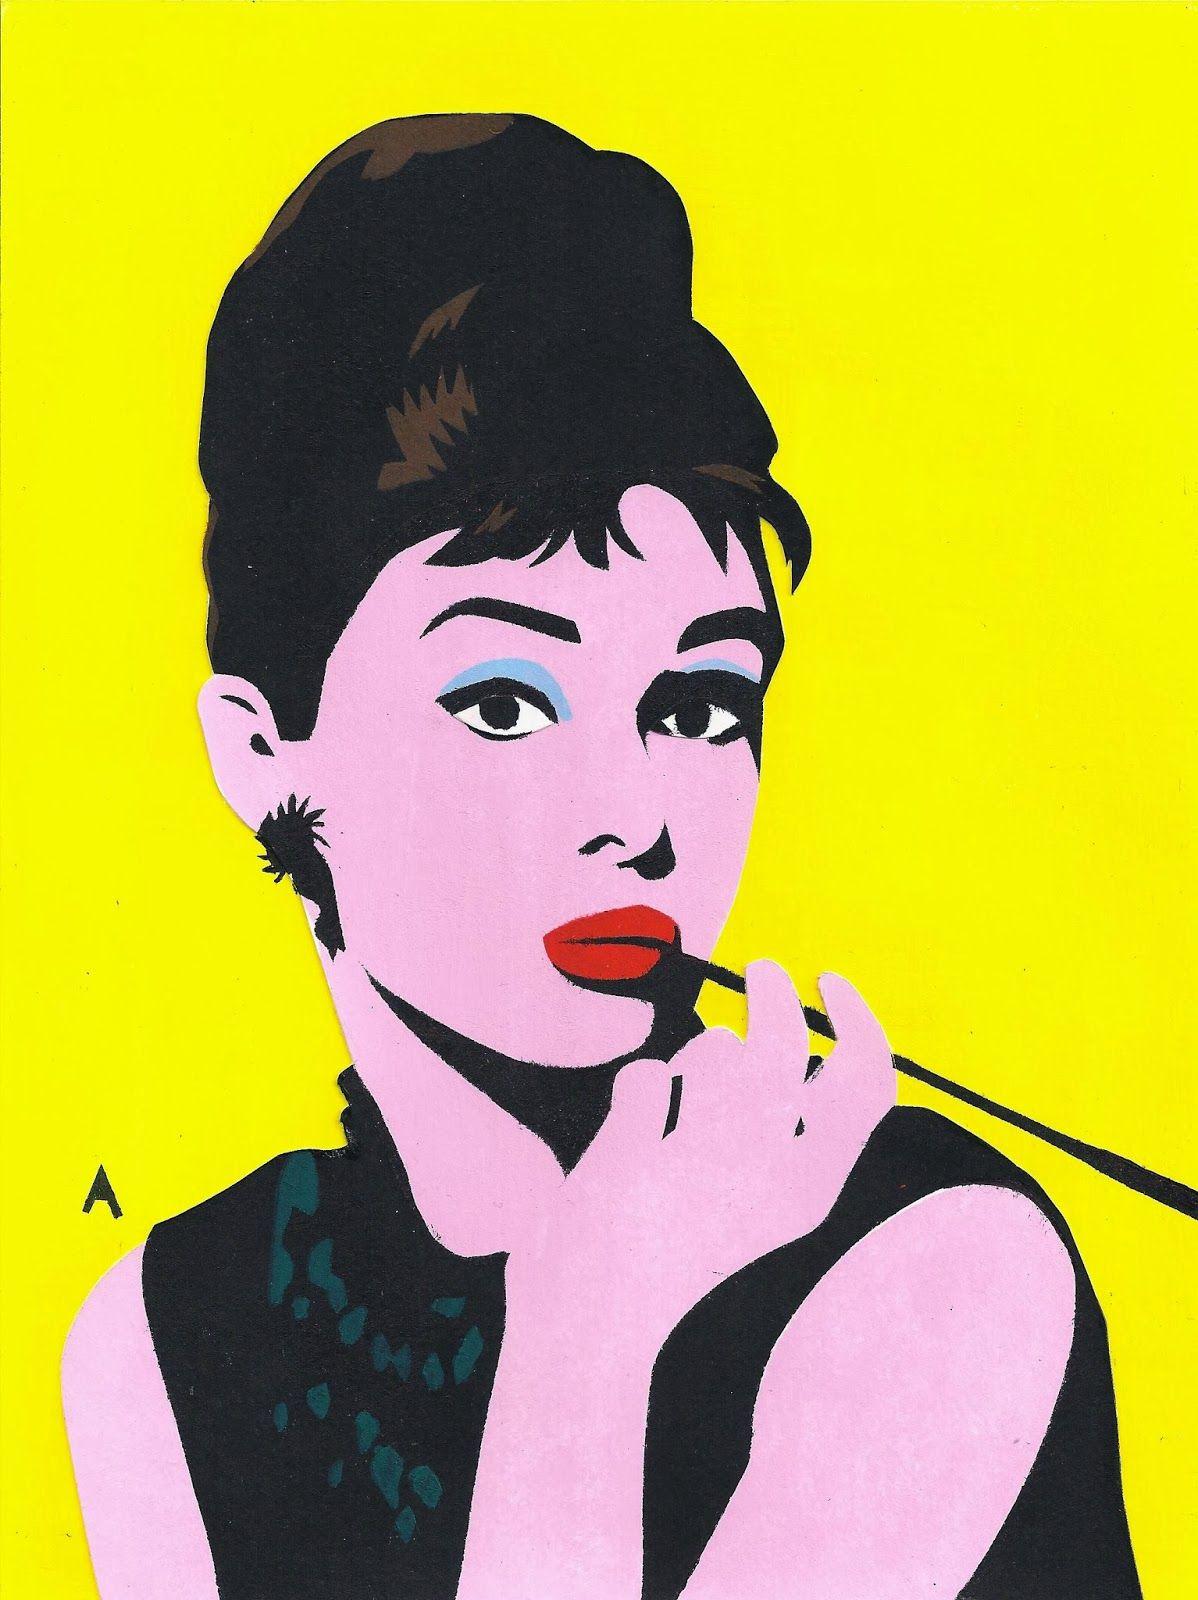 Audrey hapburn andy warhol | audrey hepburn in gekleurde stencil ...